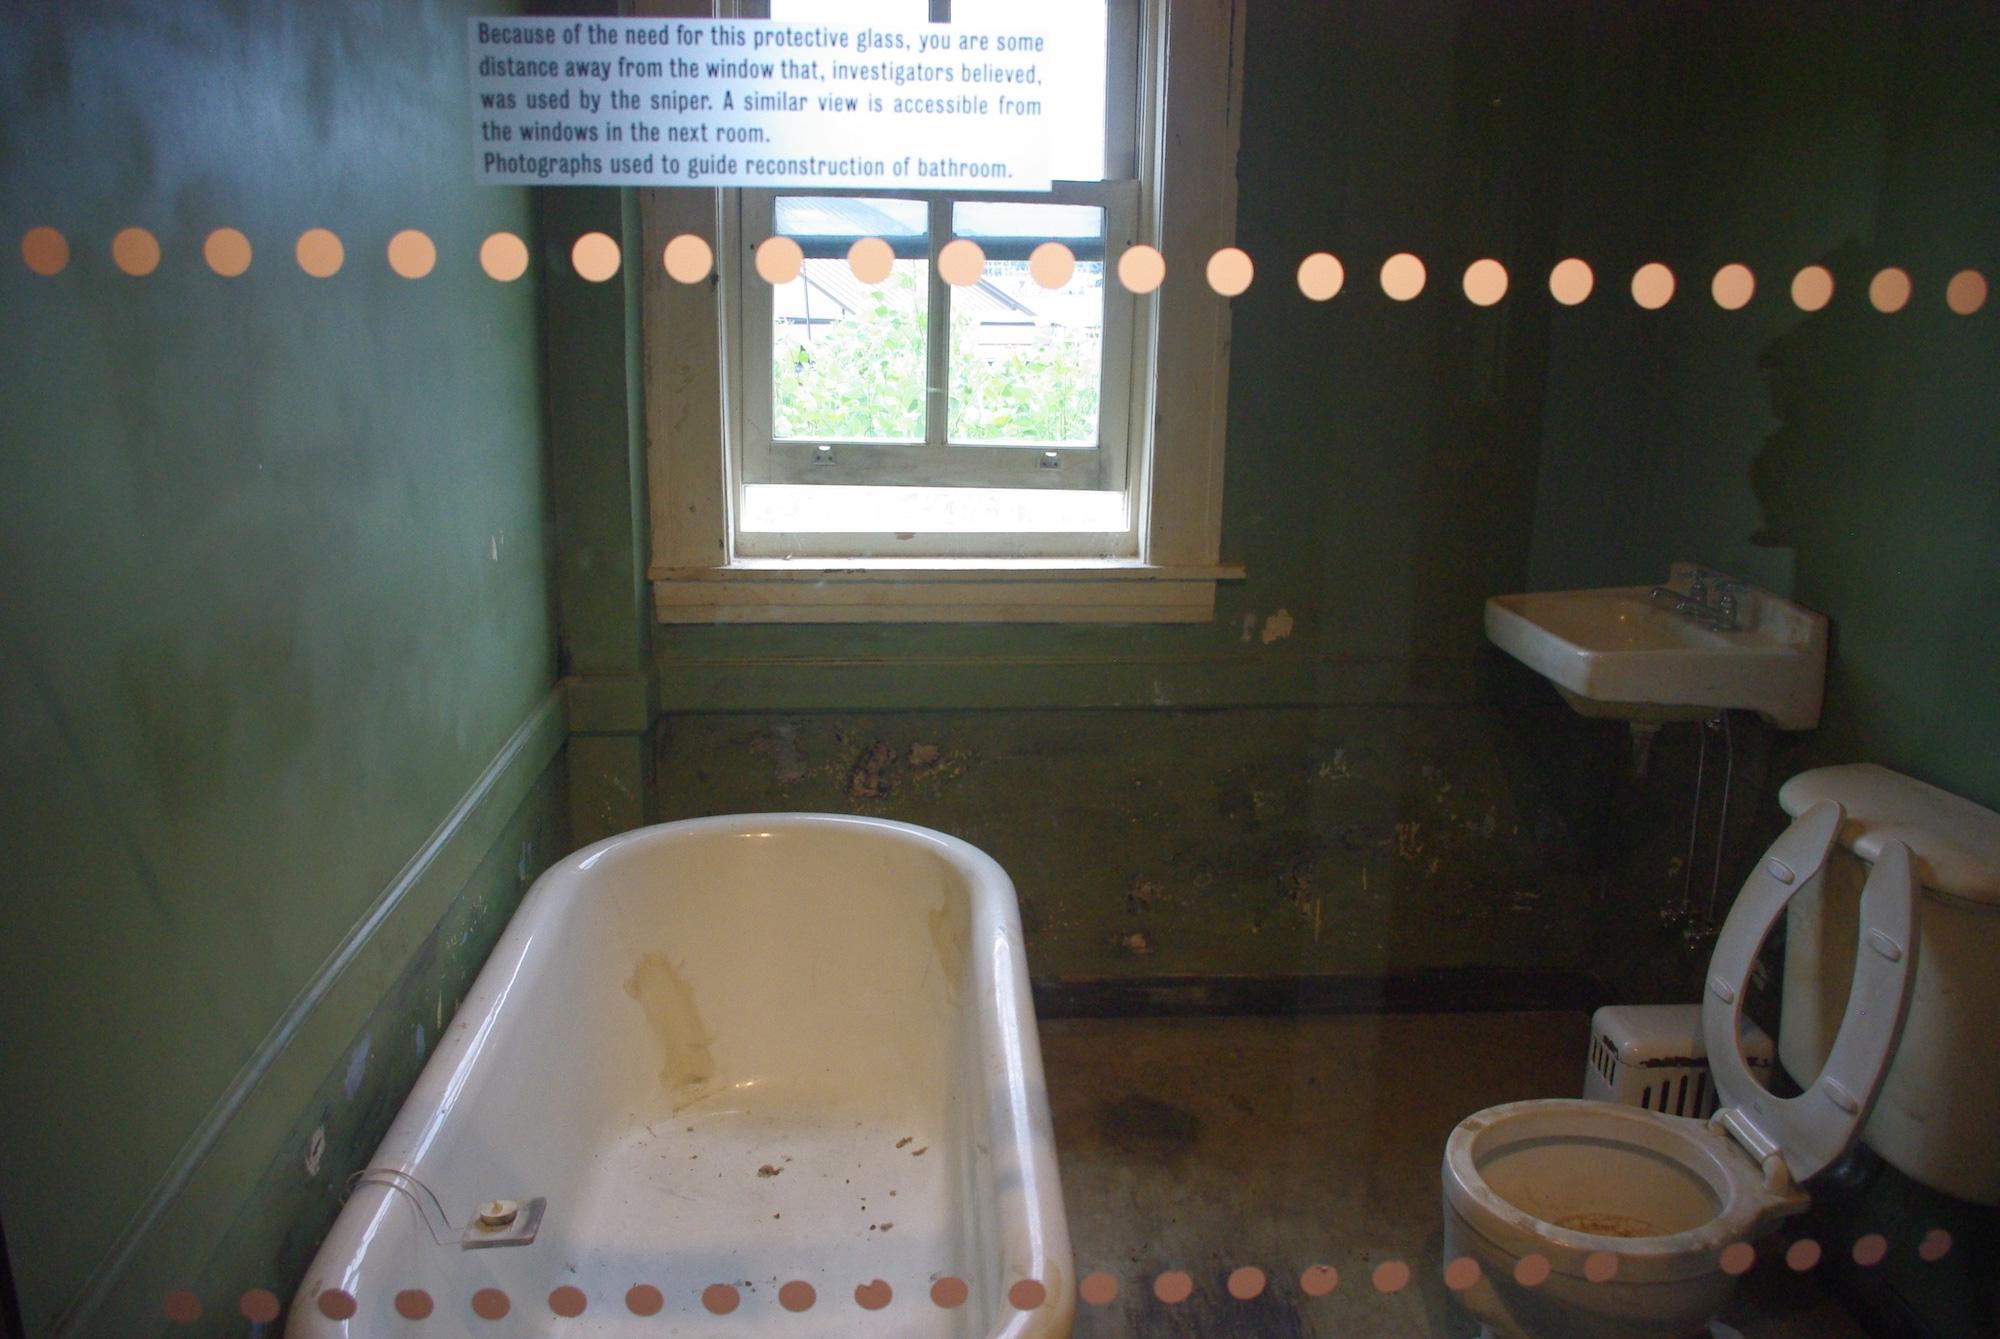 La salle de bains où s'est posté le tireur